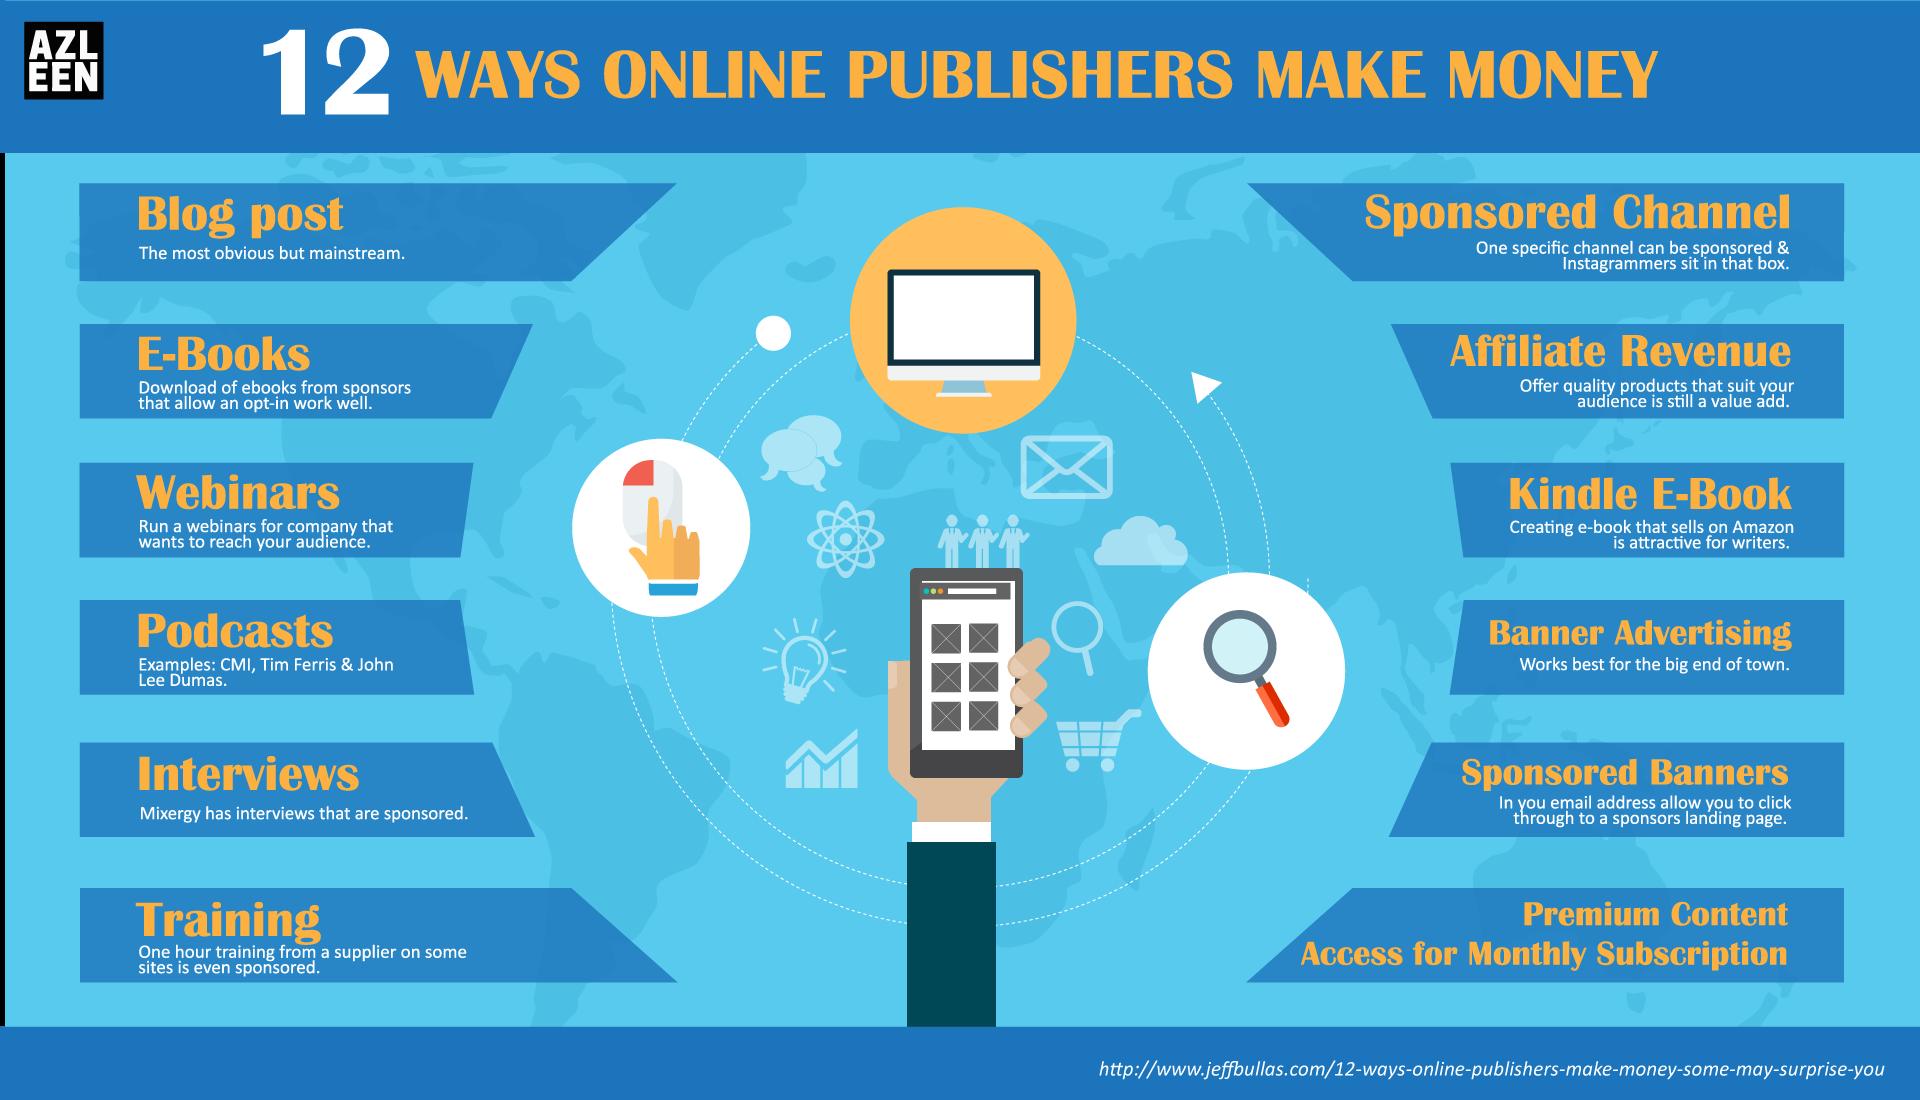 12-Ways-Online-Publisher-Make-Money